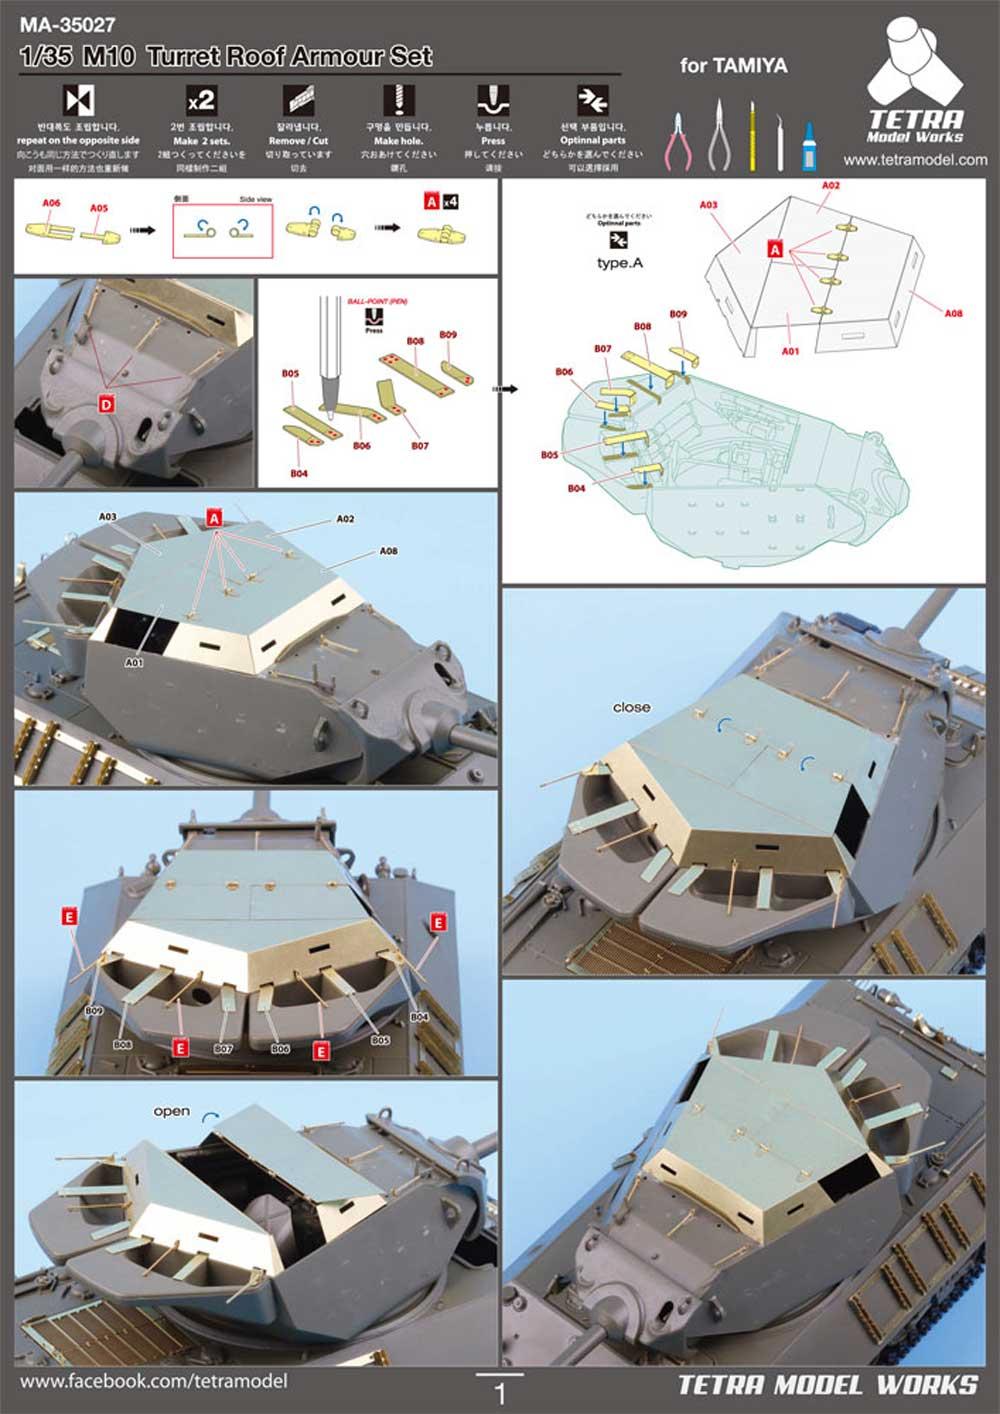 M10 駆逐戦車 ターレットルーフ アーマーセット (タミヤ対応)エッチング(テトラモデルワークスAFV エッチングパーツNo.ME-35027)商品画像_2